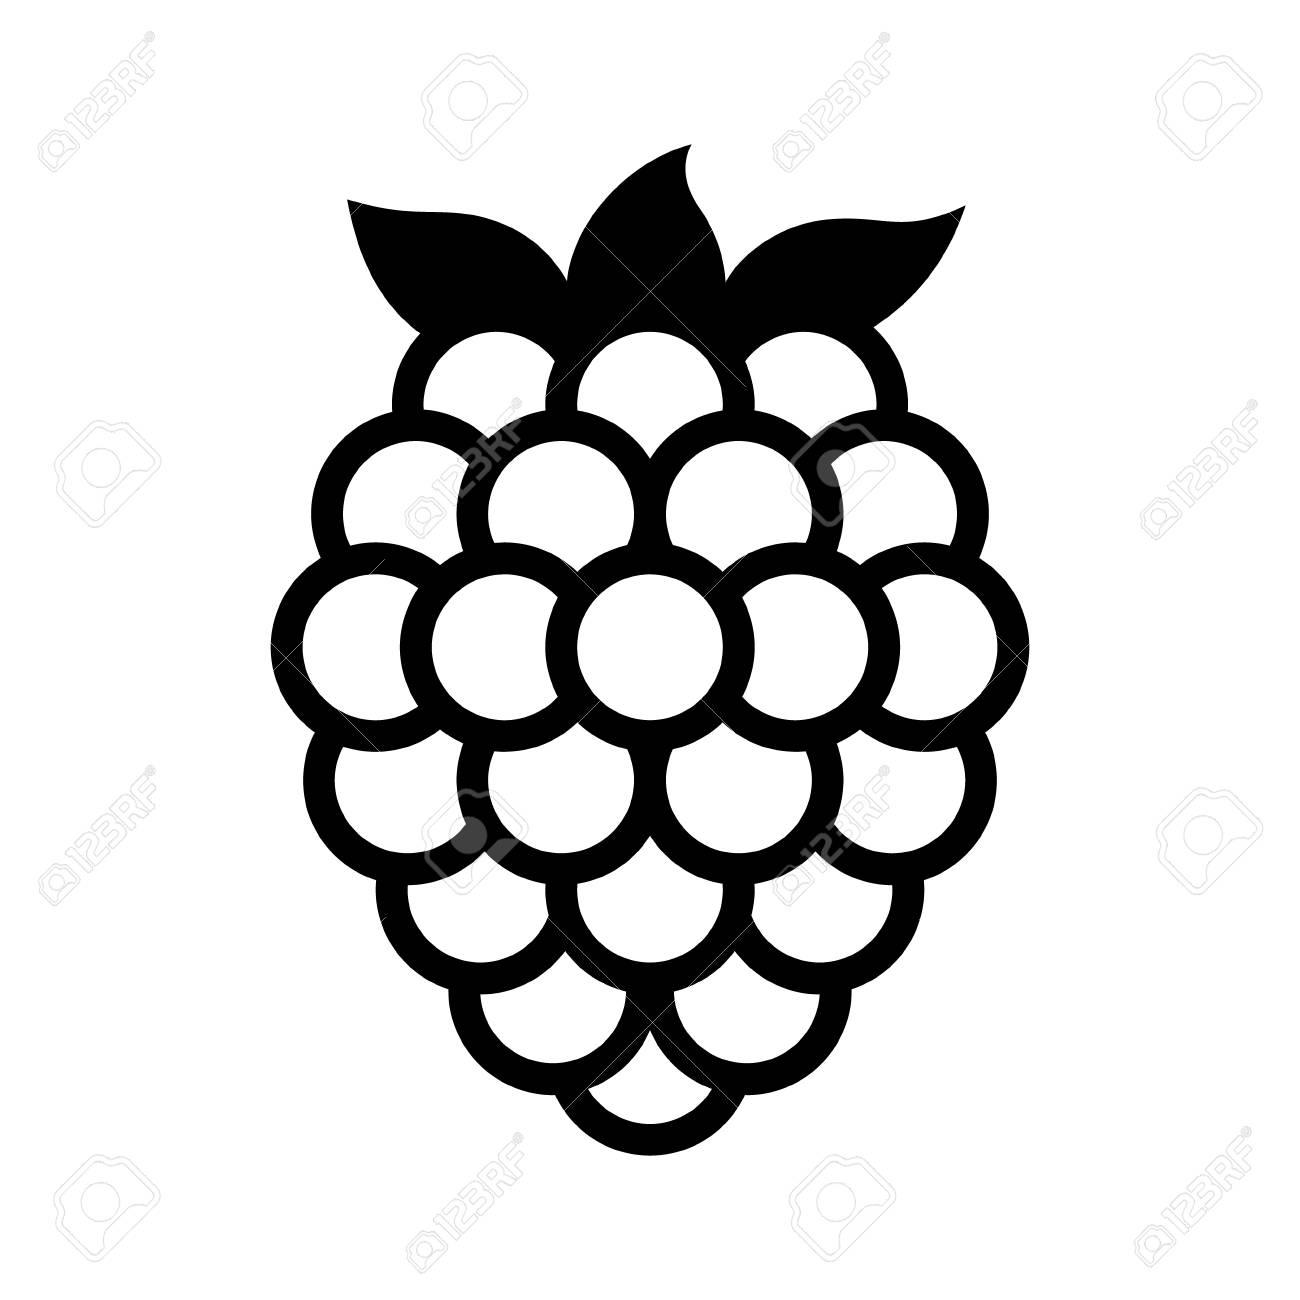 1300x1300 Blackberry Fruit Or Blackberries Line Art Vector Icon For Food